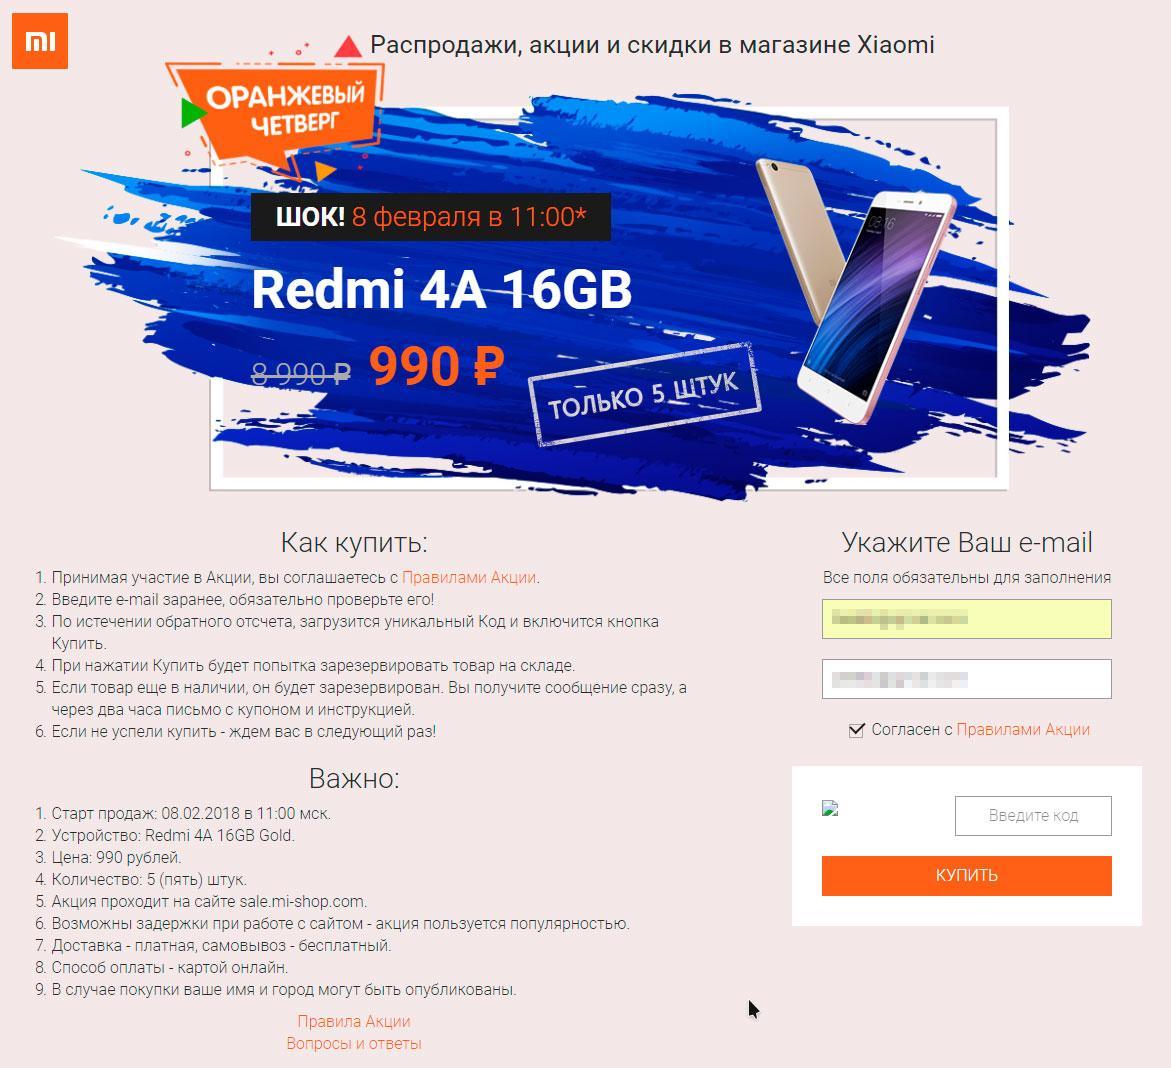 Желающие купить Redmi 4A за 990 рублей положили сайт интернет-магазина Xiaomi в России